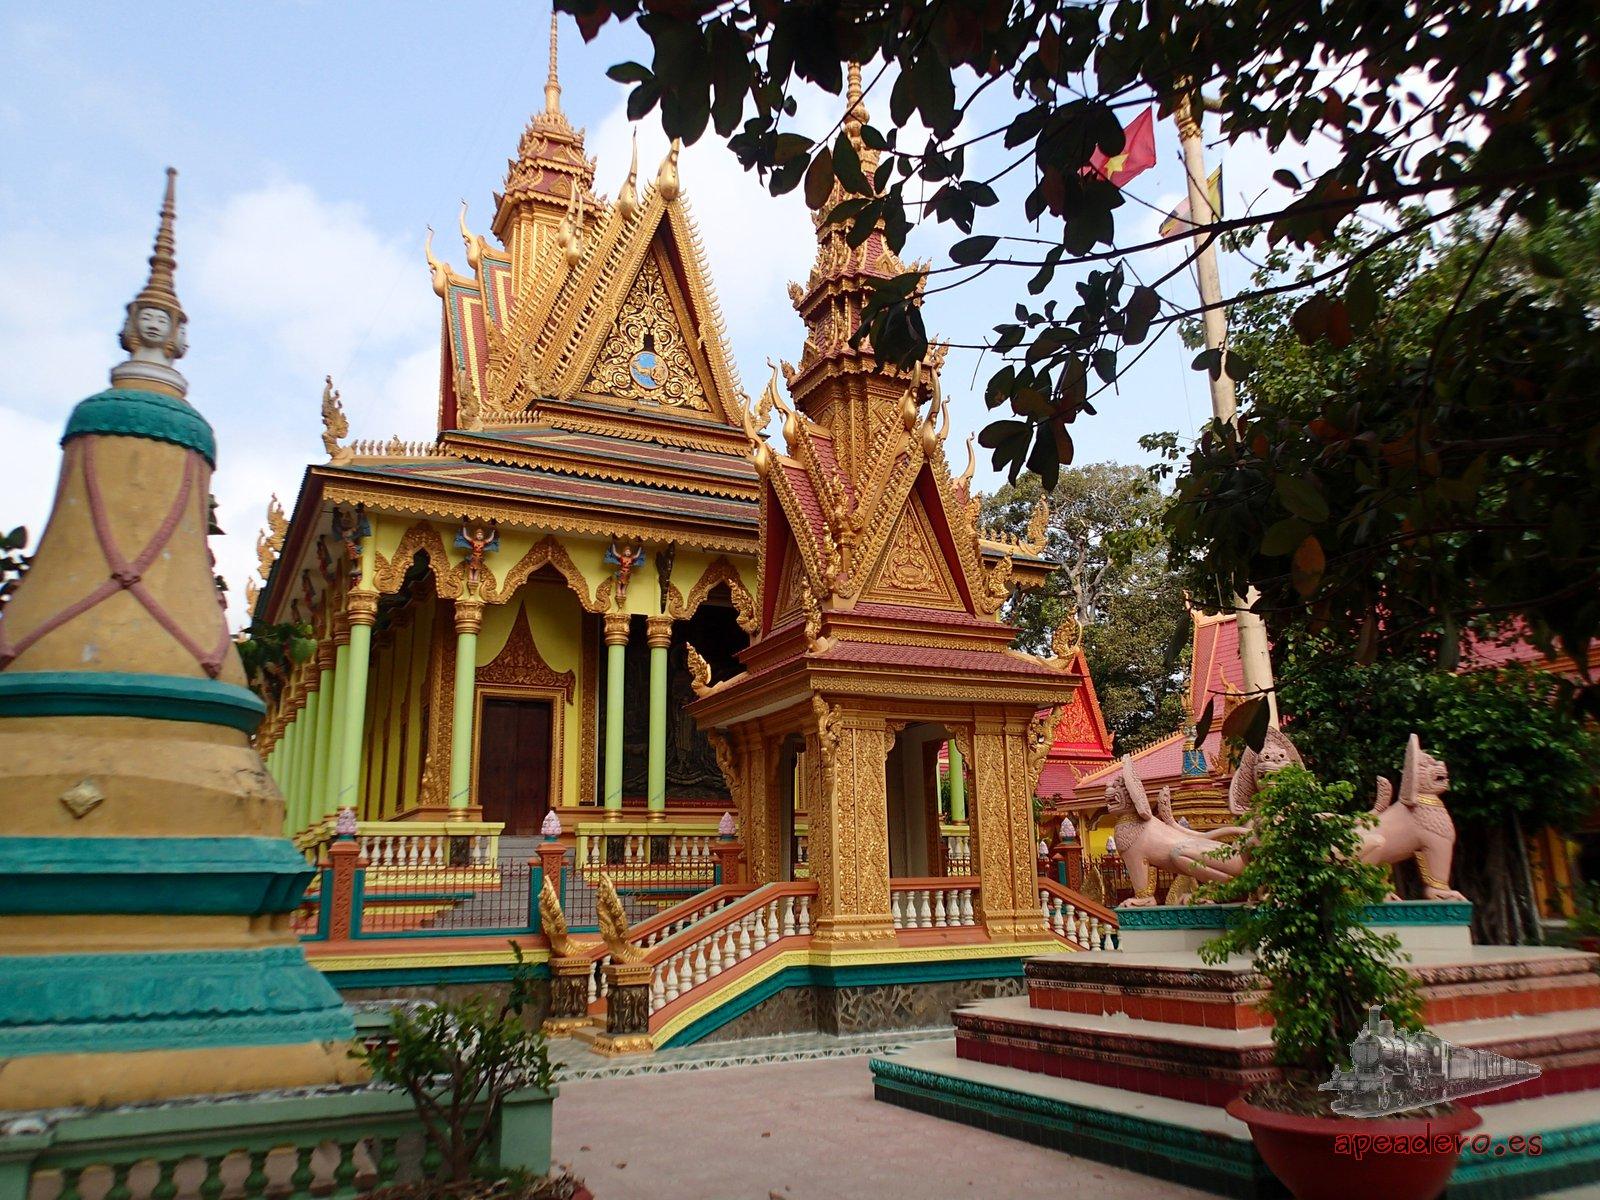 Comer en un templo durante nuestra ruta en moto por el mekong